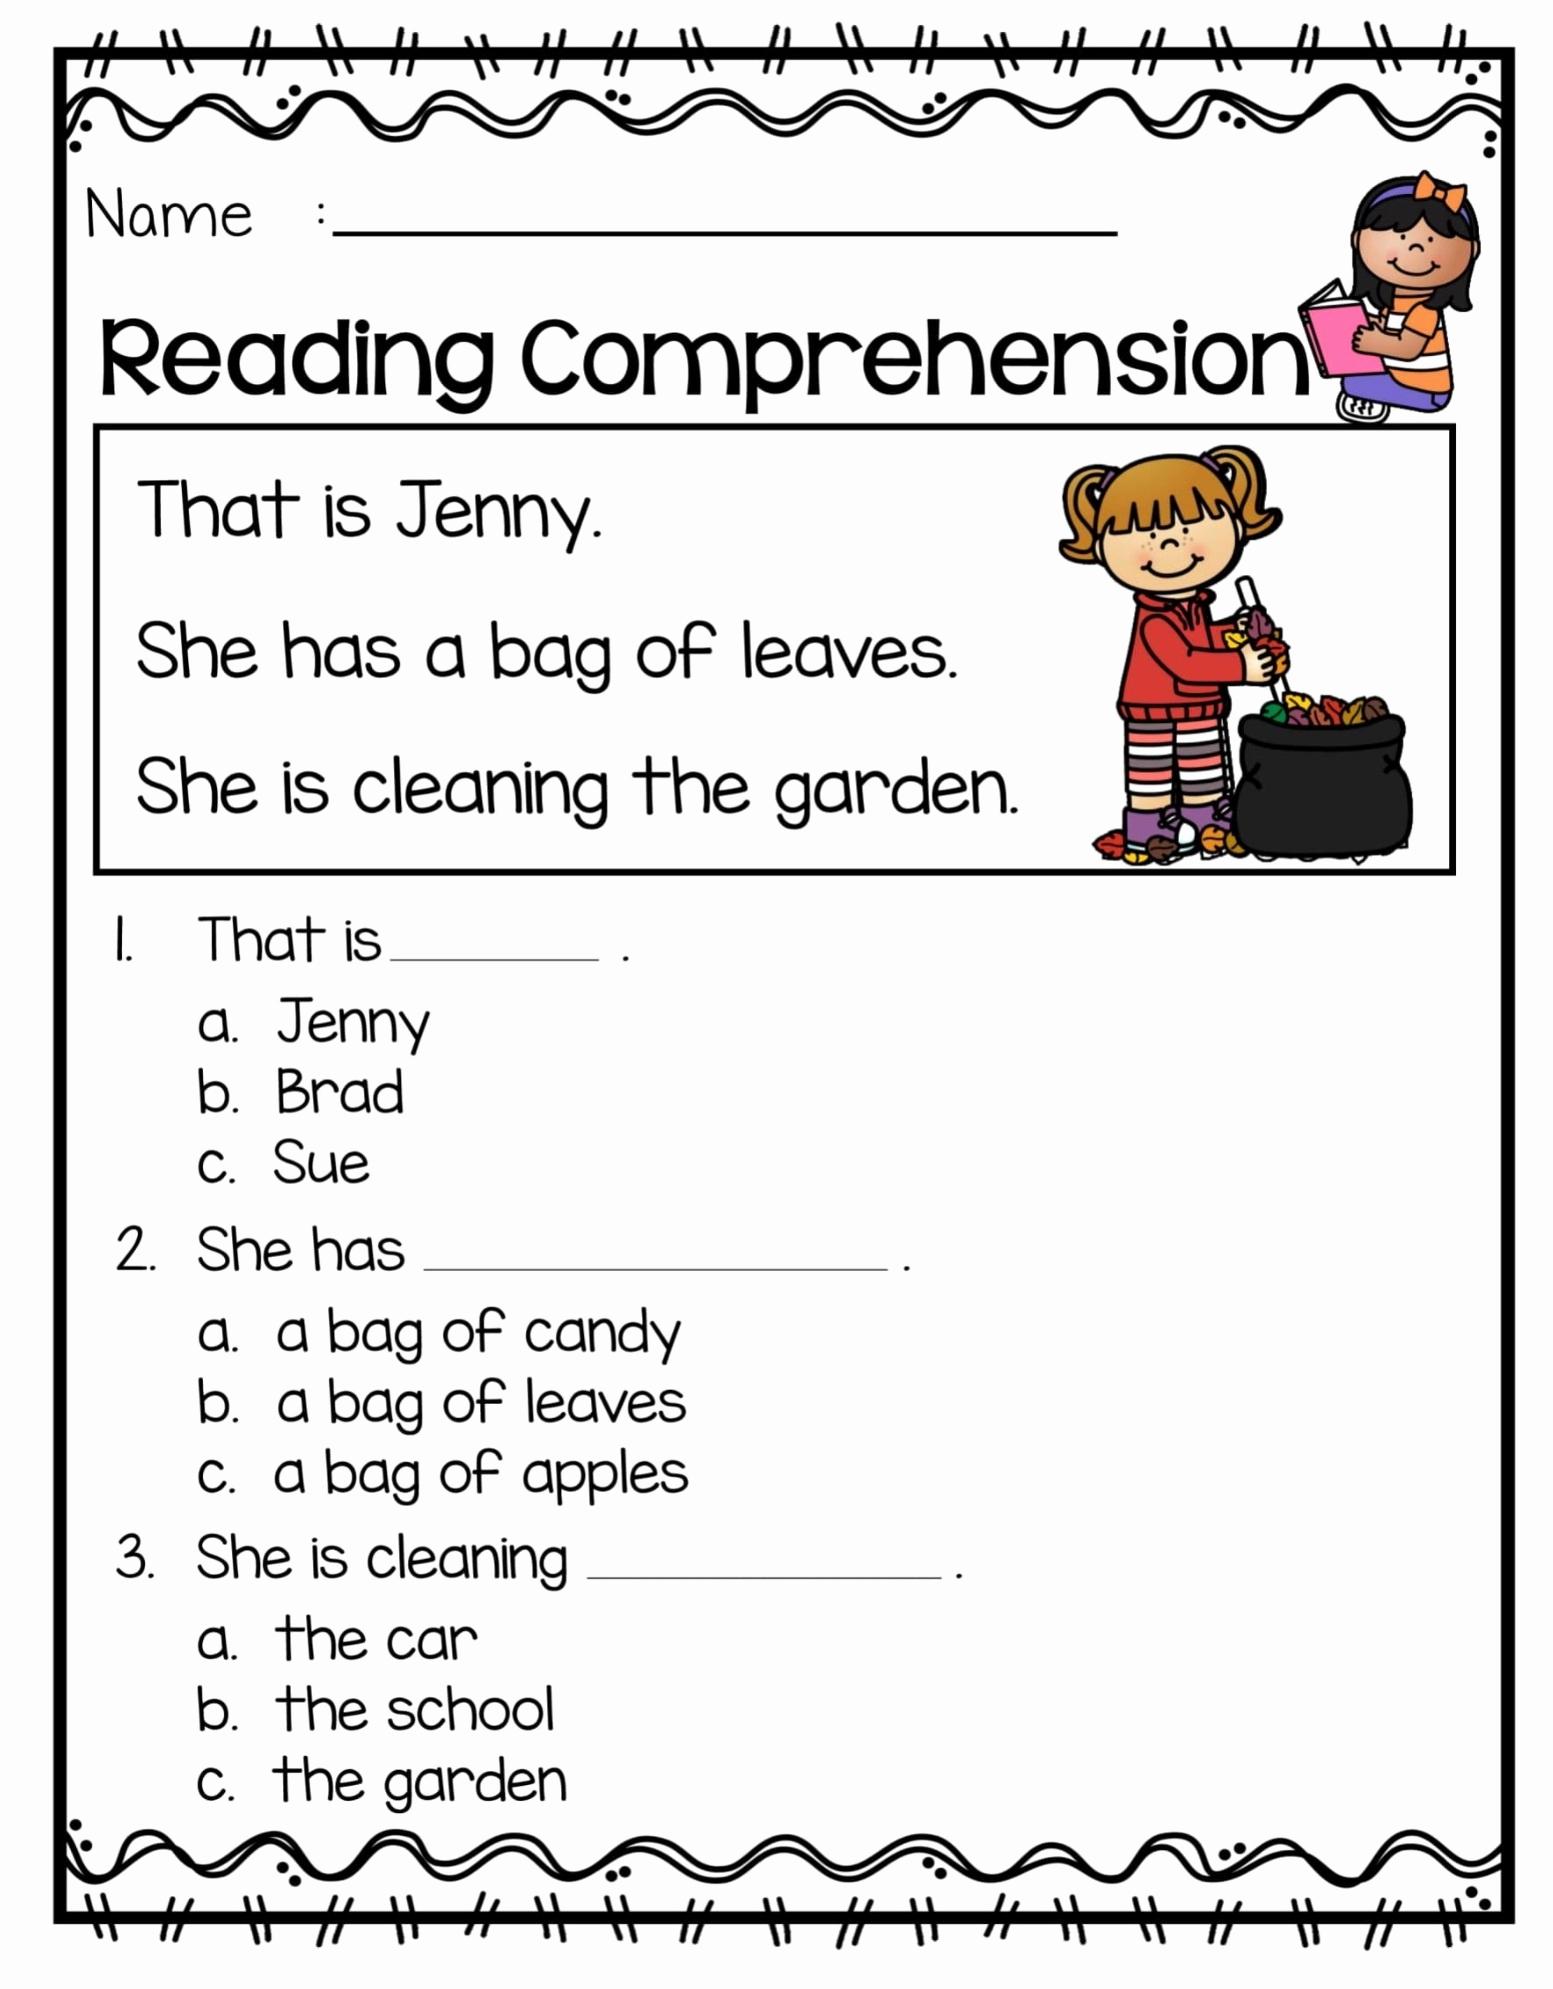 1st Grade Reading Worksheets Printable Lovely 1st Grade Reading Prehension Worksheets Printable Pdf